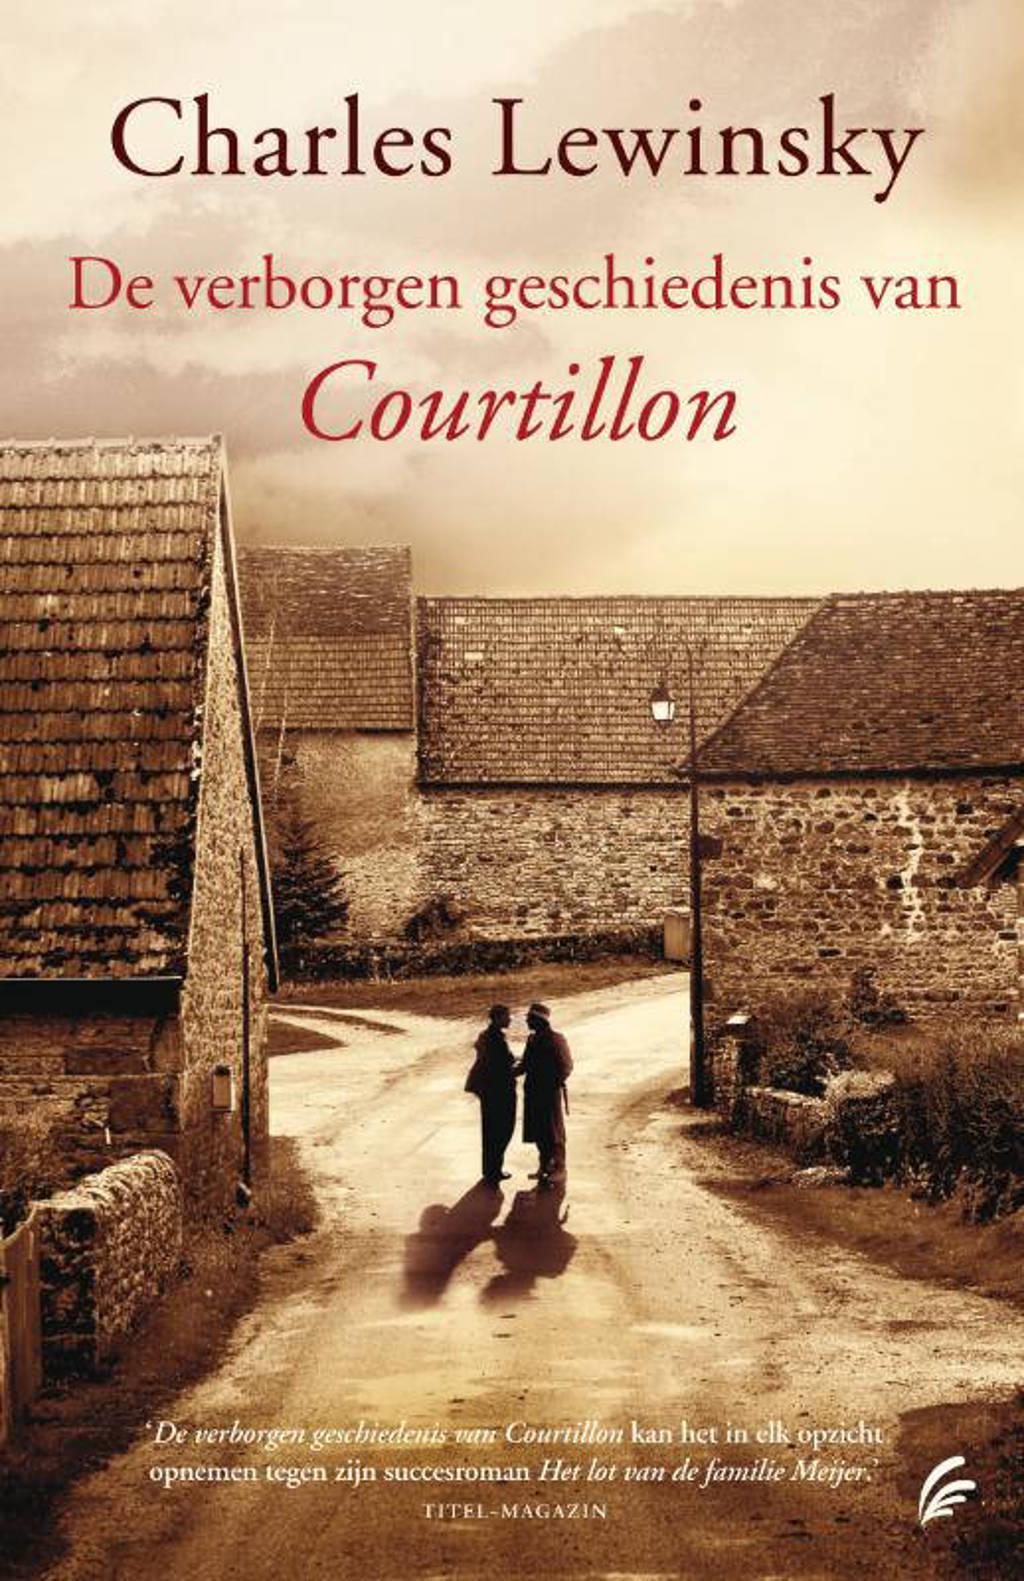 De verborgen geschiedenis van Courtillon - Charles Lewinsky